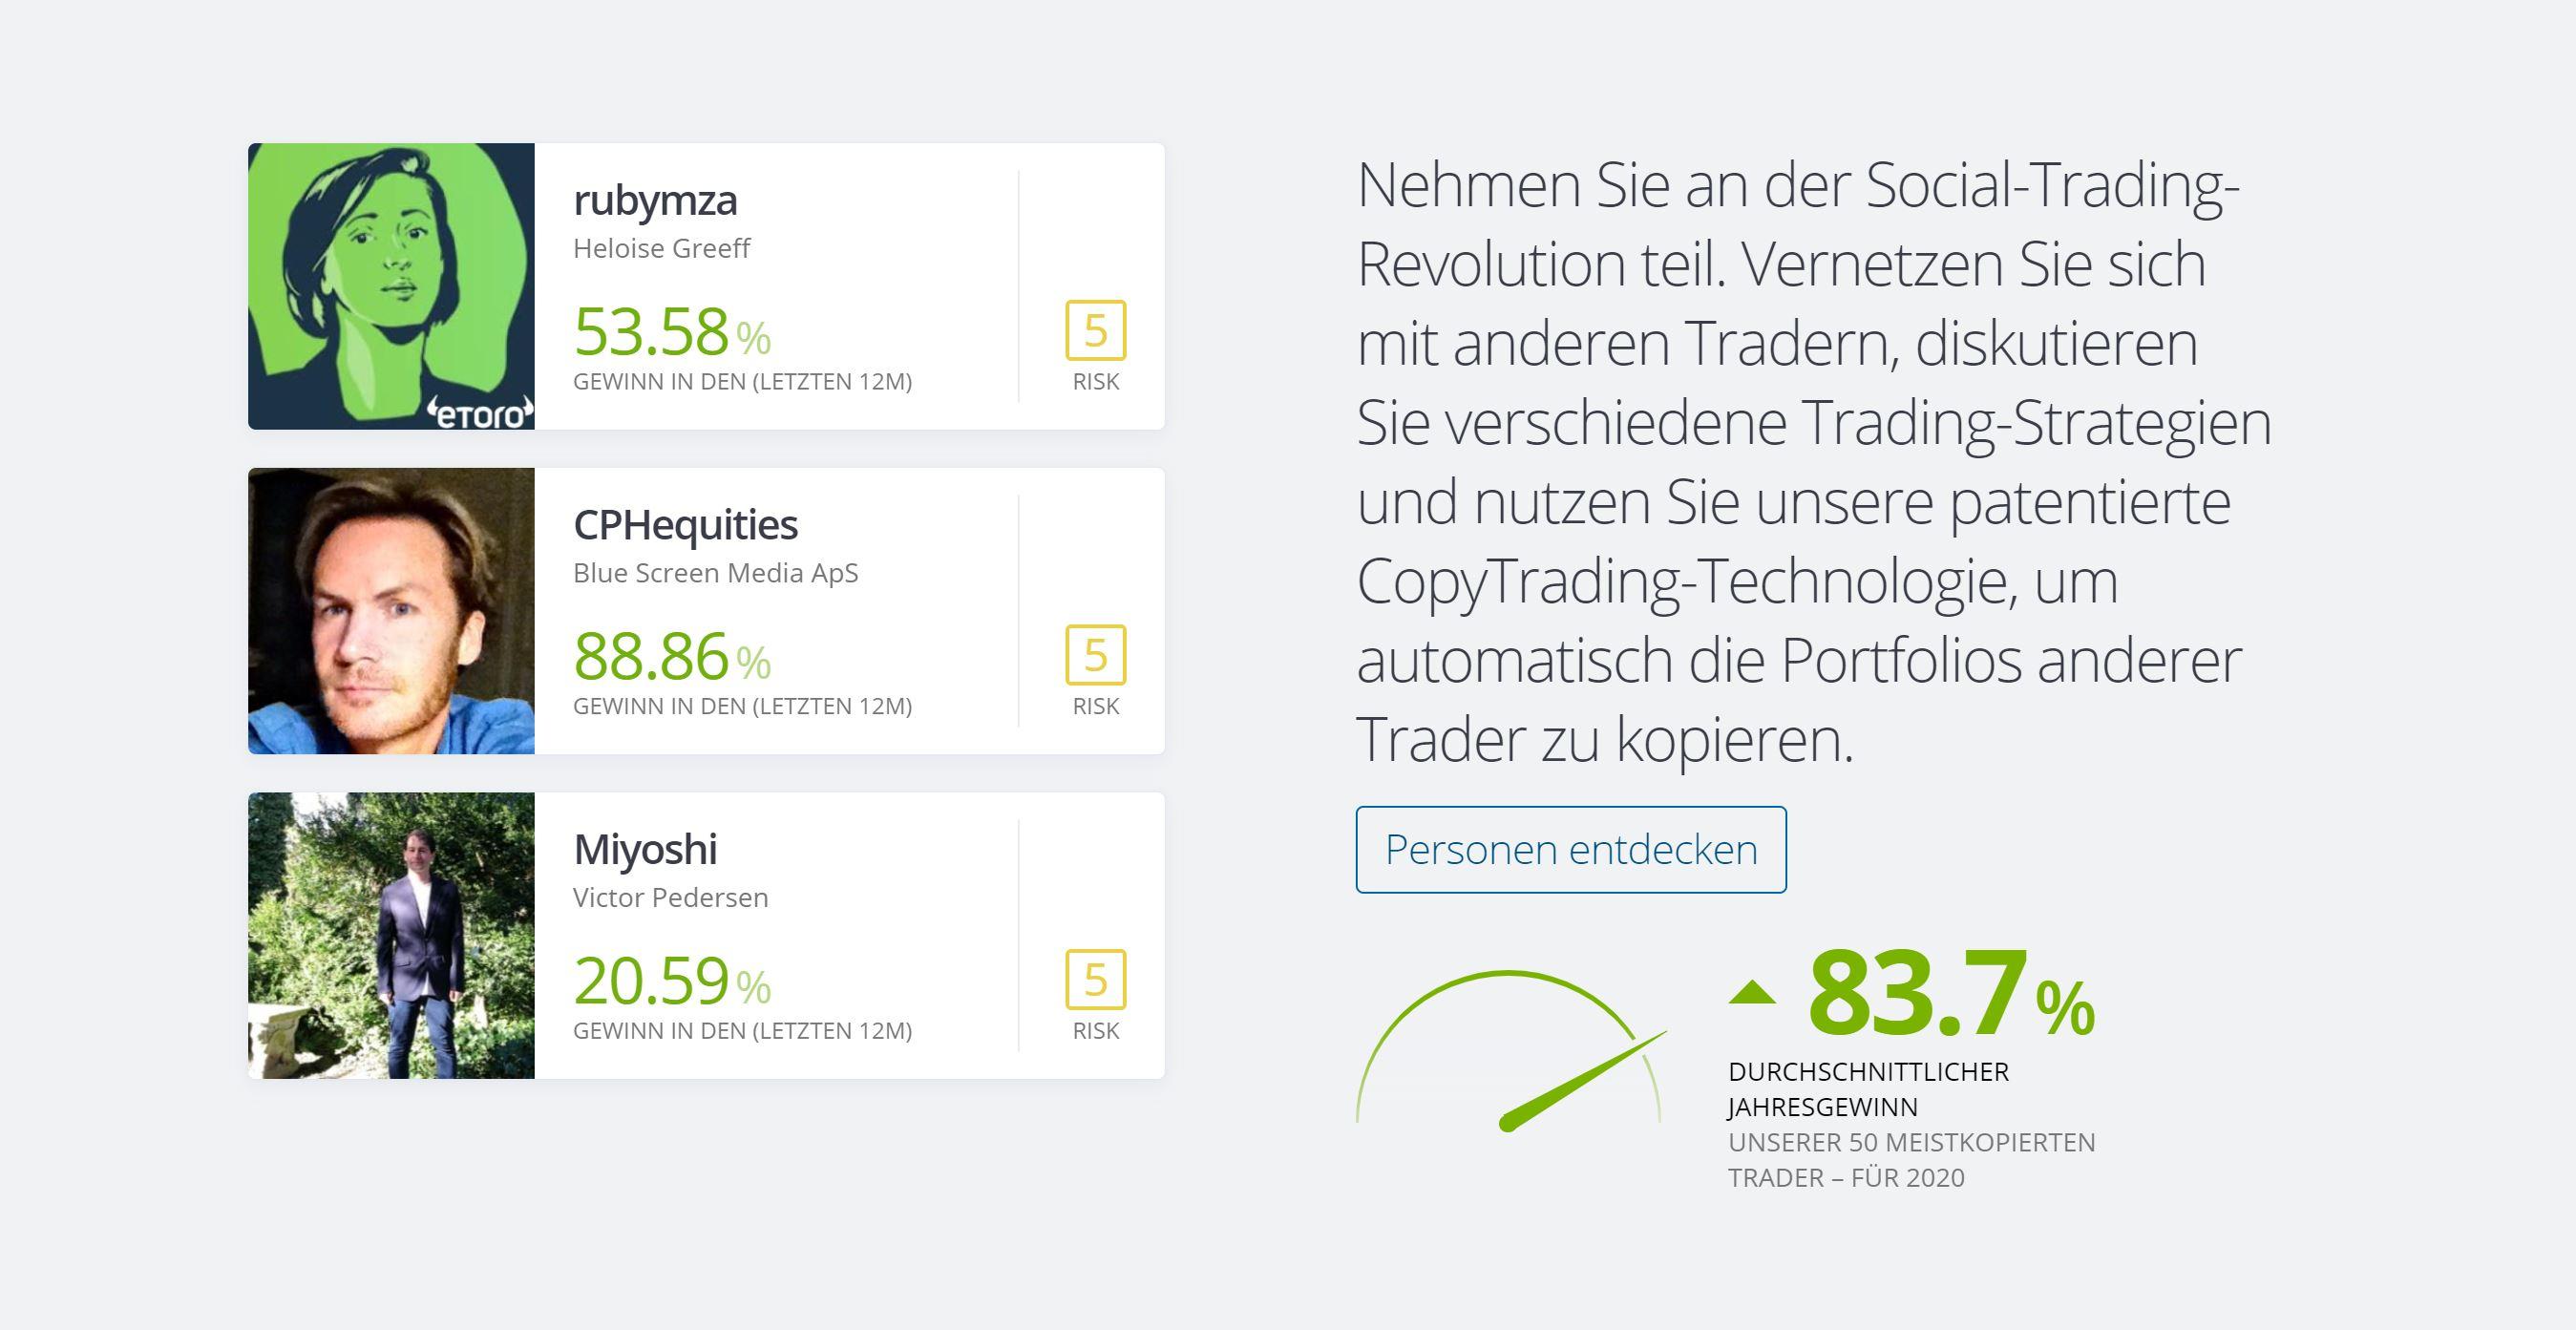 eToro Social Trading forklart